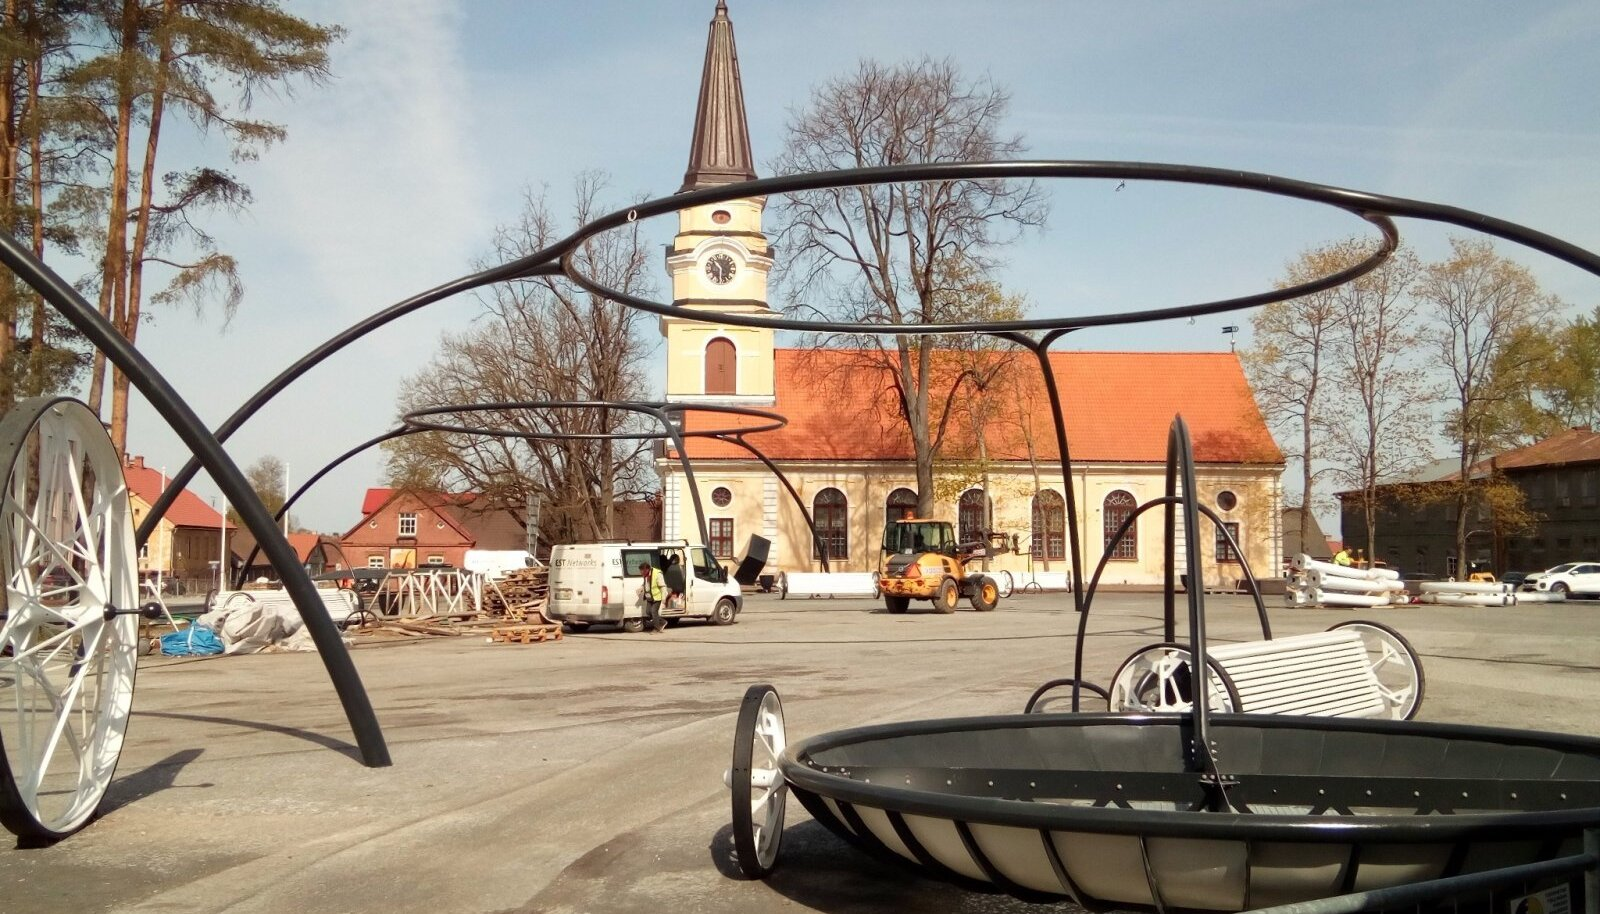 SORRY, VÕRU! Võru maakond kui ebarentaabel asustusüksus läheb uue kärpekava kohaselt Eesti Vabariigi osana sulgemisele.